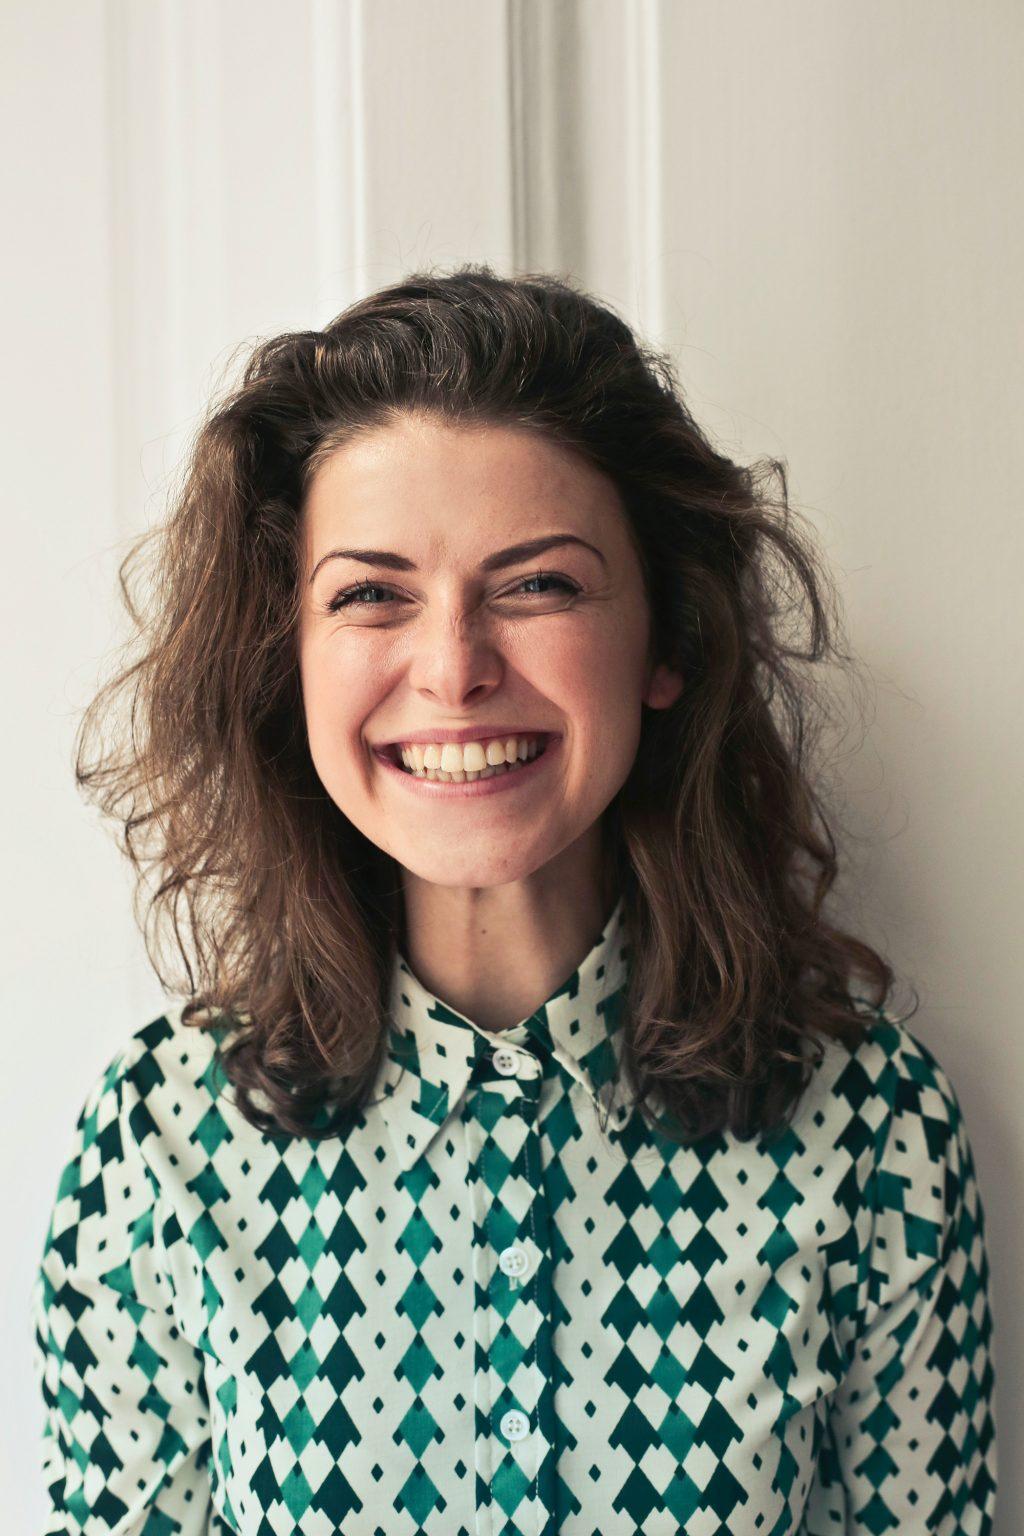 Động tác Smiling là động tác đơn giản nhất trong các bài tập cơ hàm